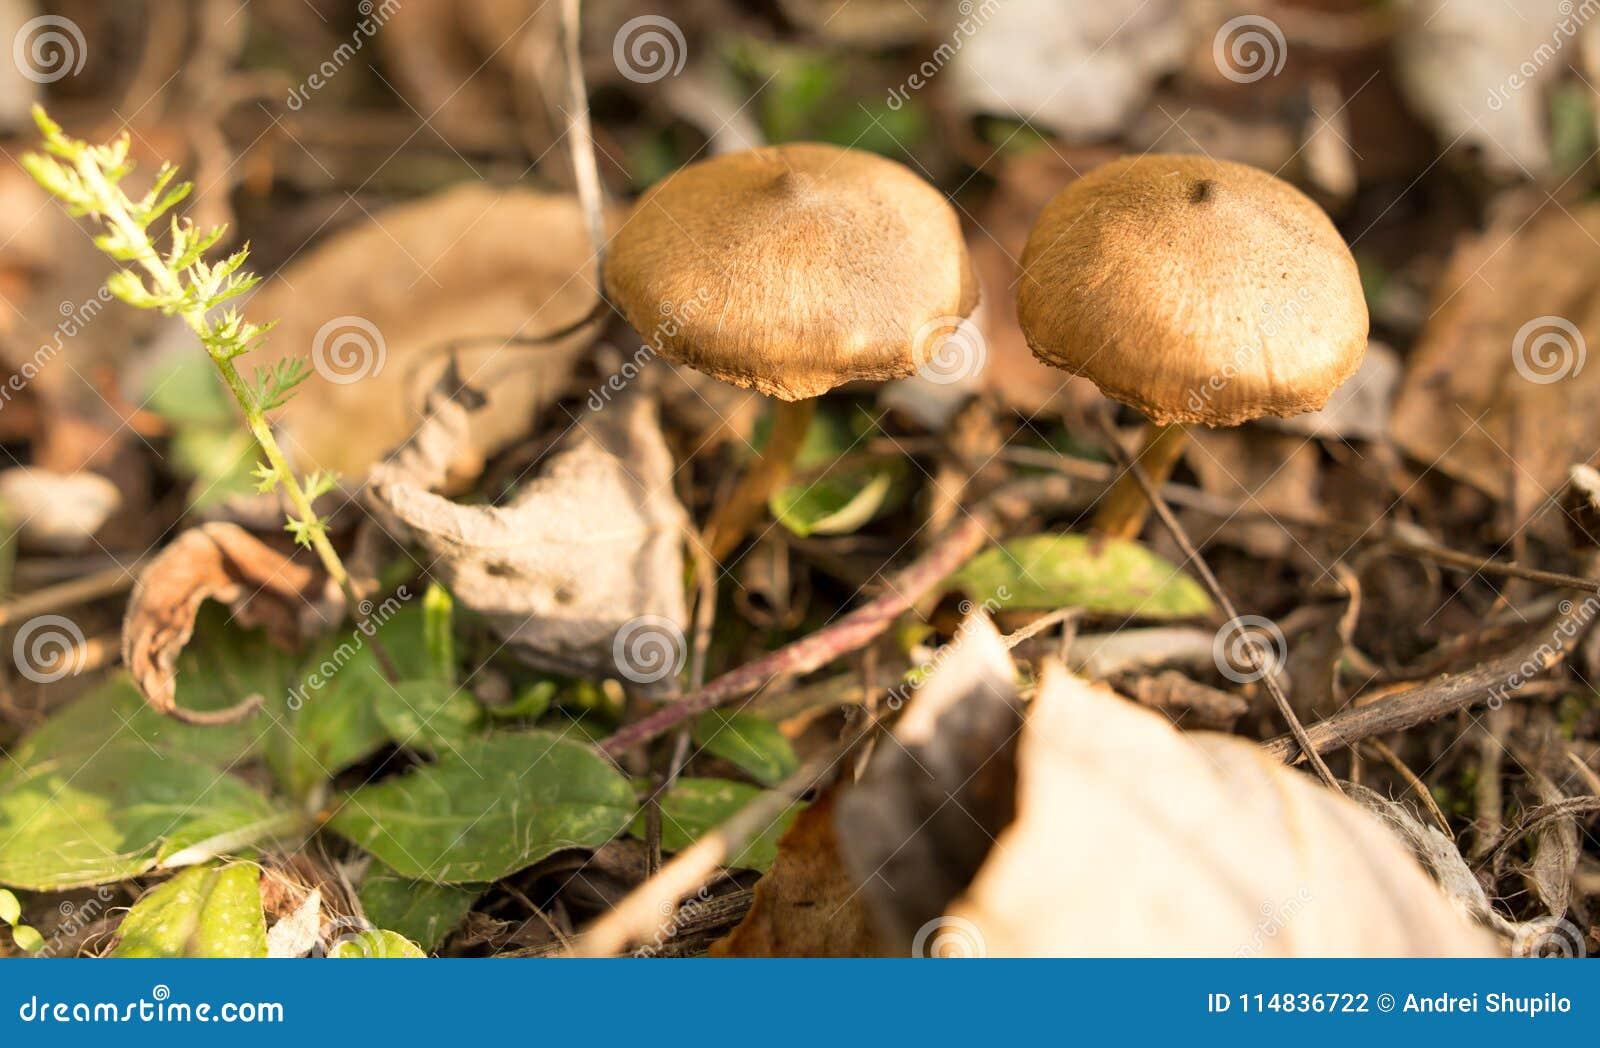 Ο μη φαγώσιμος μύκητας αυξάνεται στα ξύλα υπαίθρια